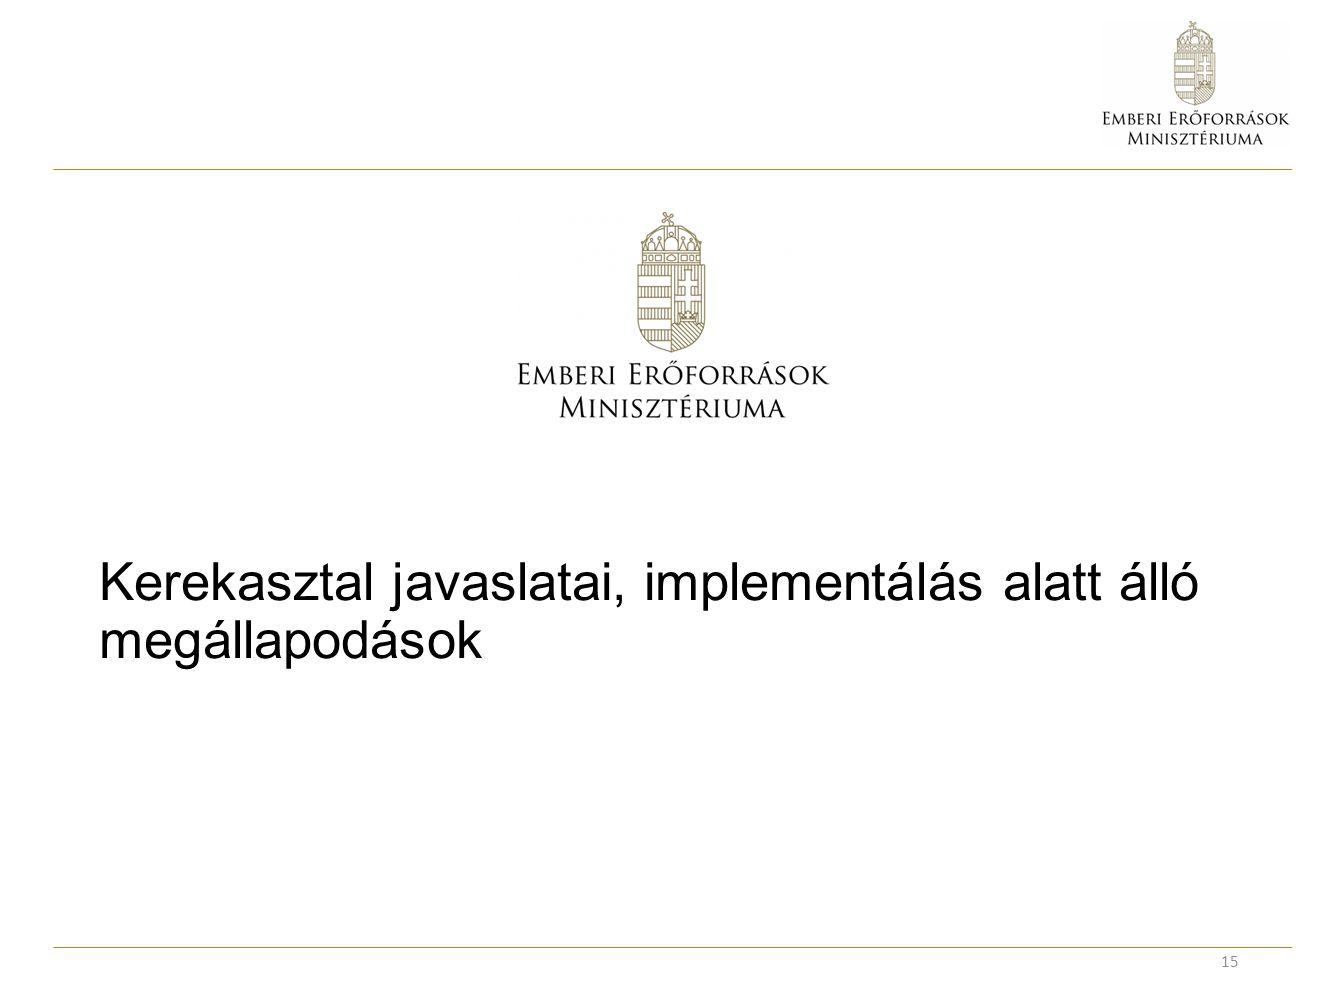 Kerekasztal javaslatai, implementálás alatt álló megállapodások 15